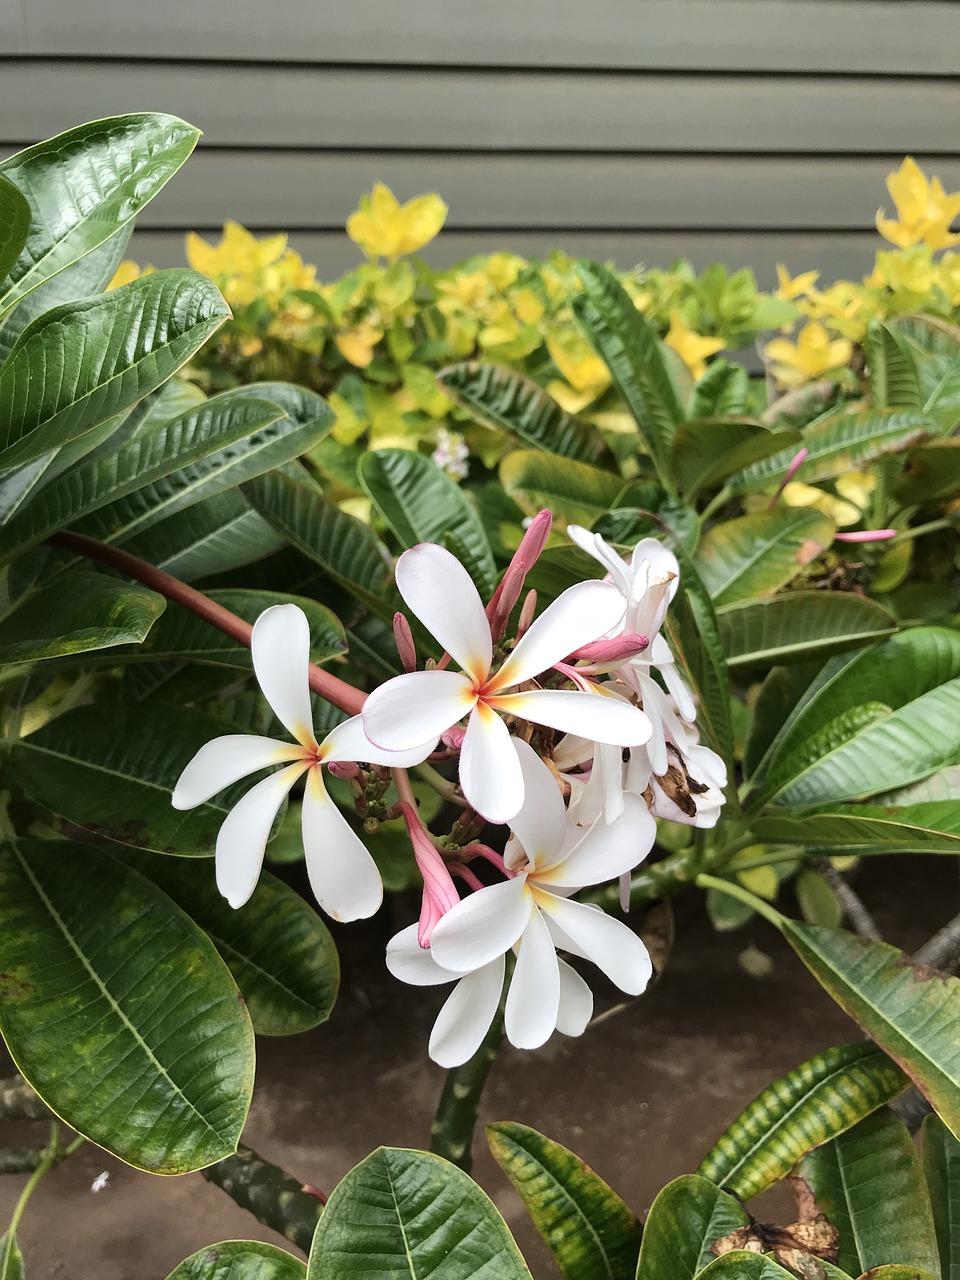 Plumeriaflowershawaii free photo from needpix plumeria flowers hawaii izmirmasajfo